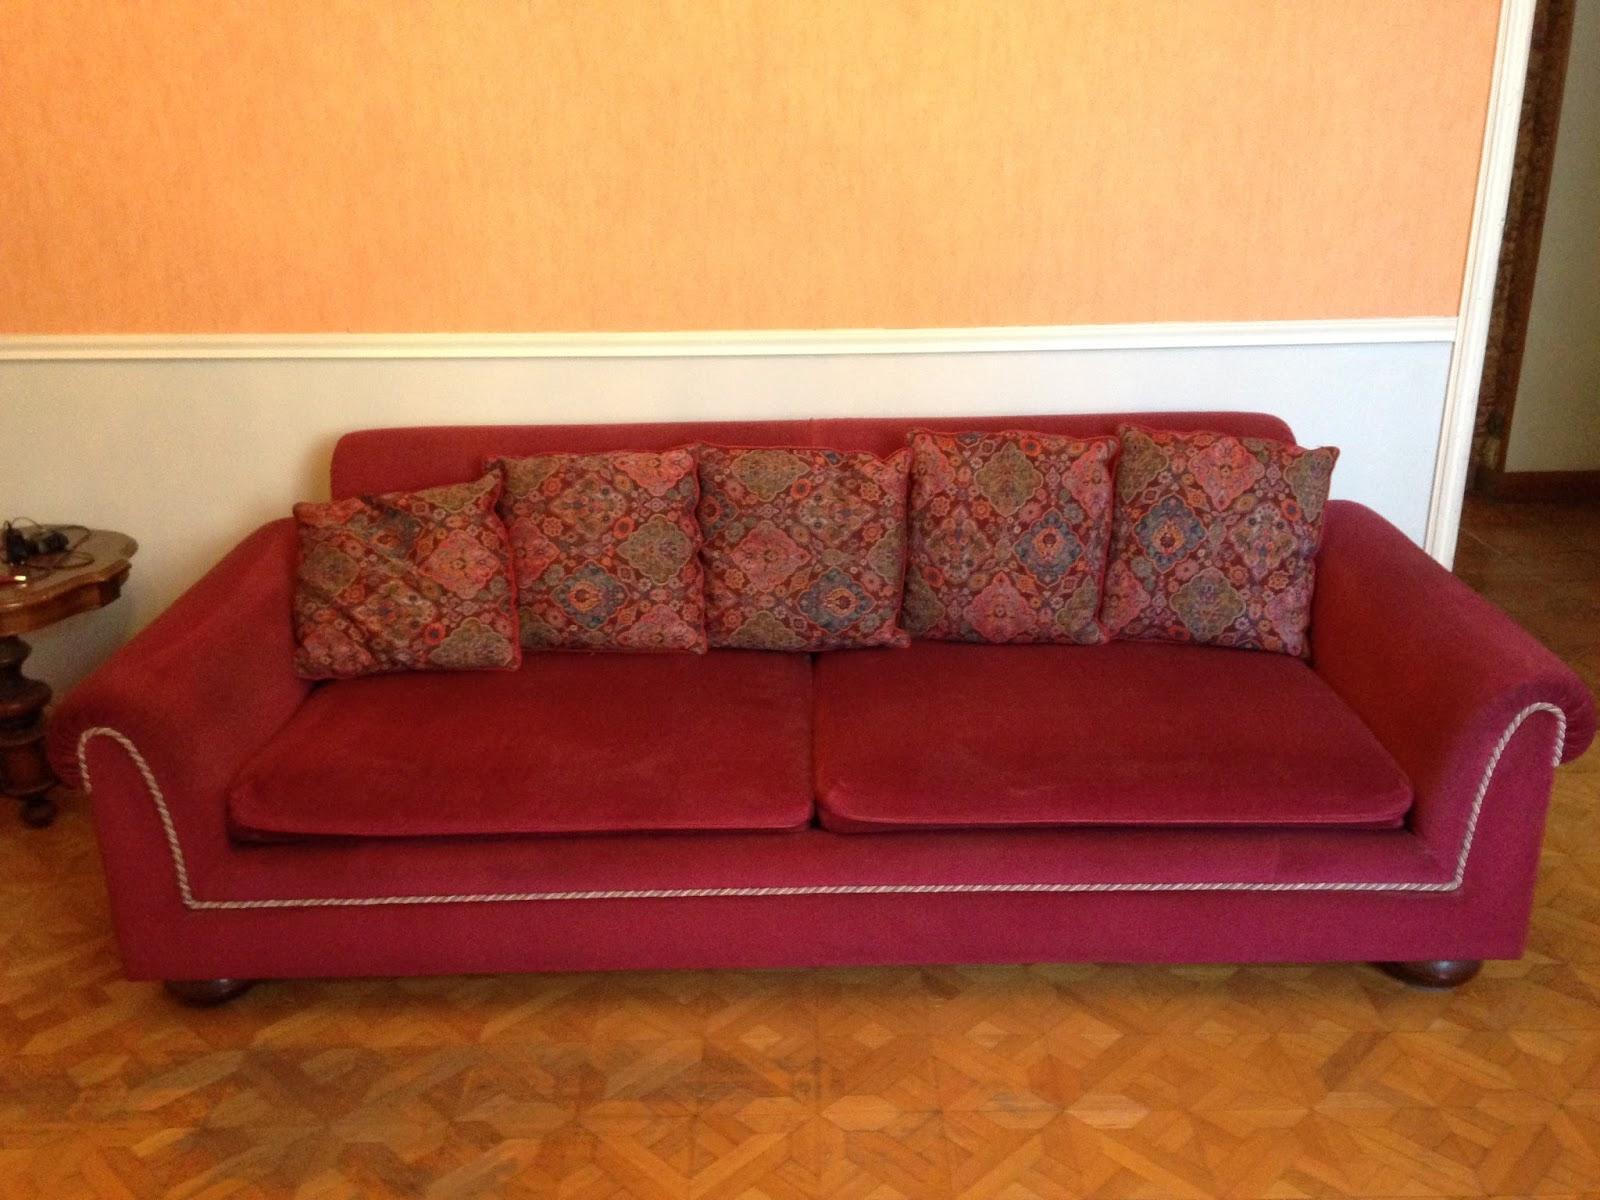 Le grand d barras fauteuils et canap lit for Canape 100 euros